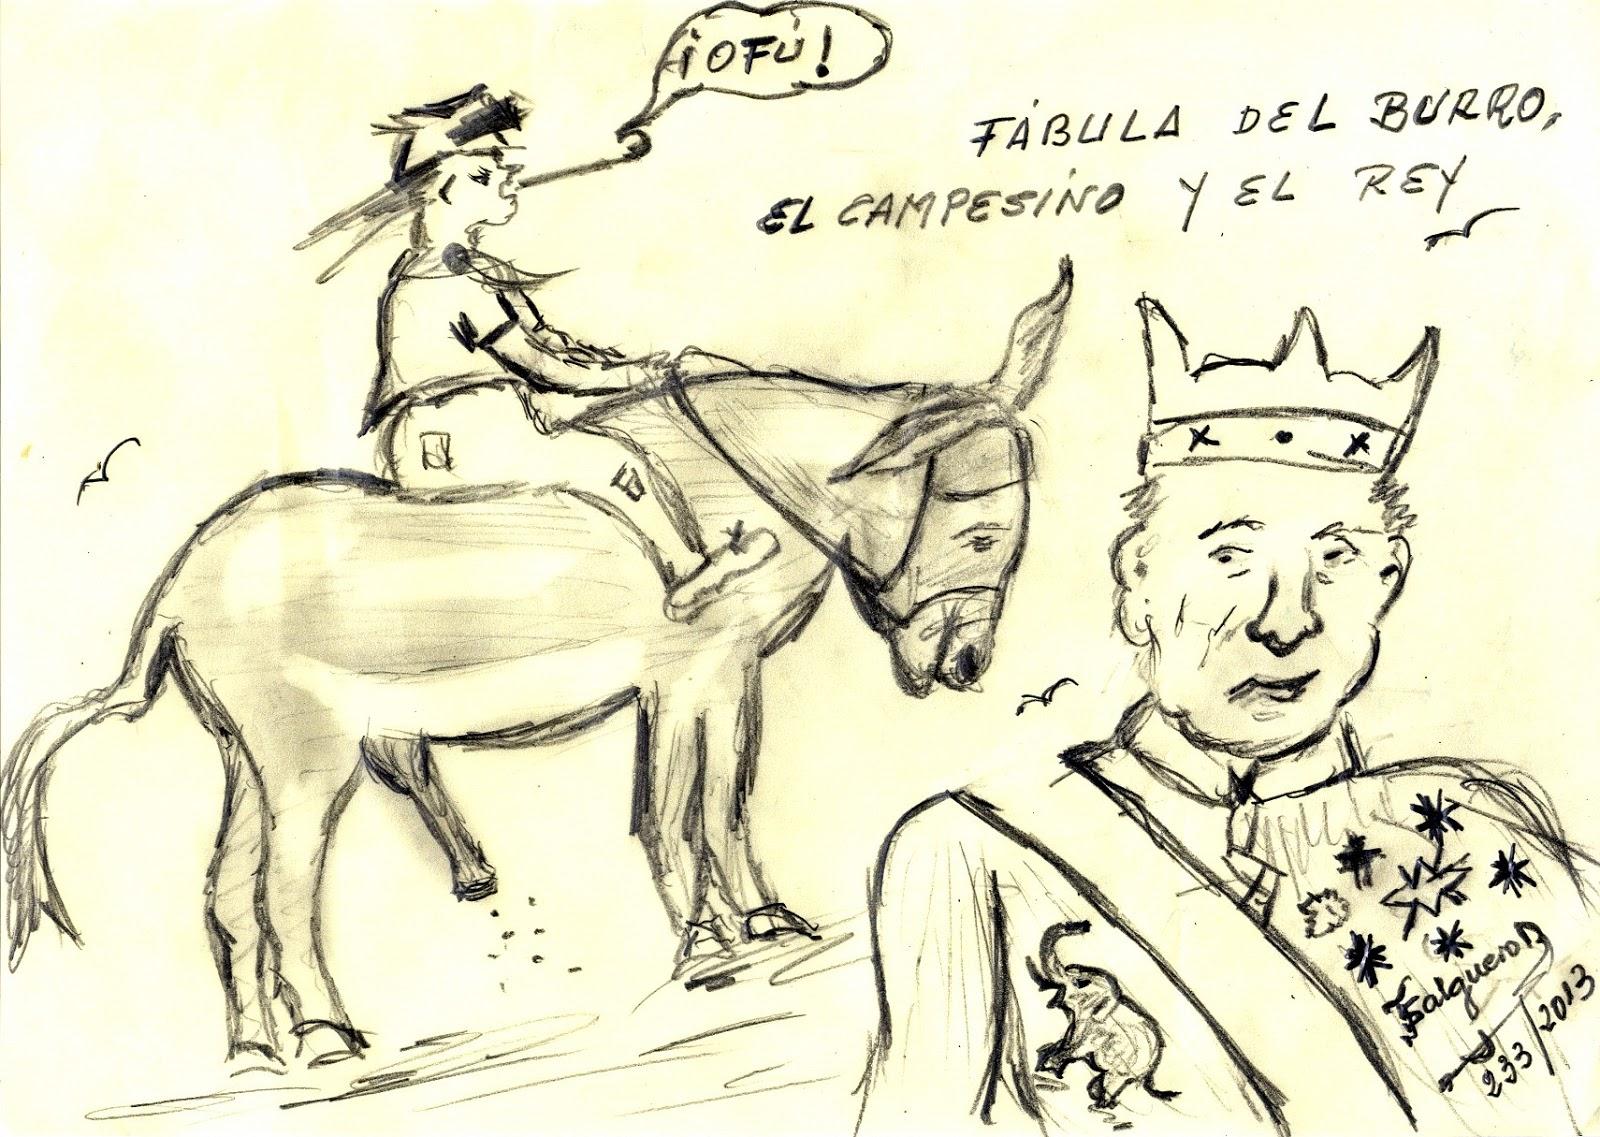 Frases Cortas Al Campesino